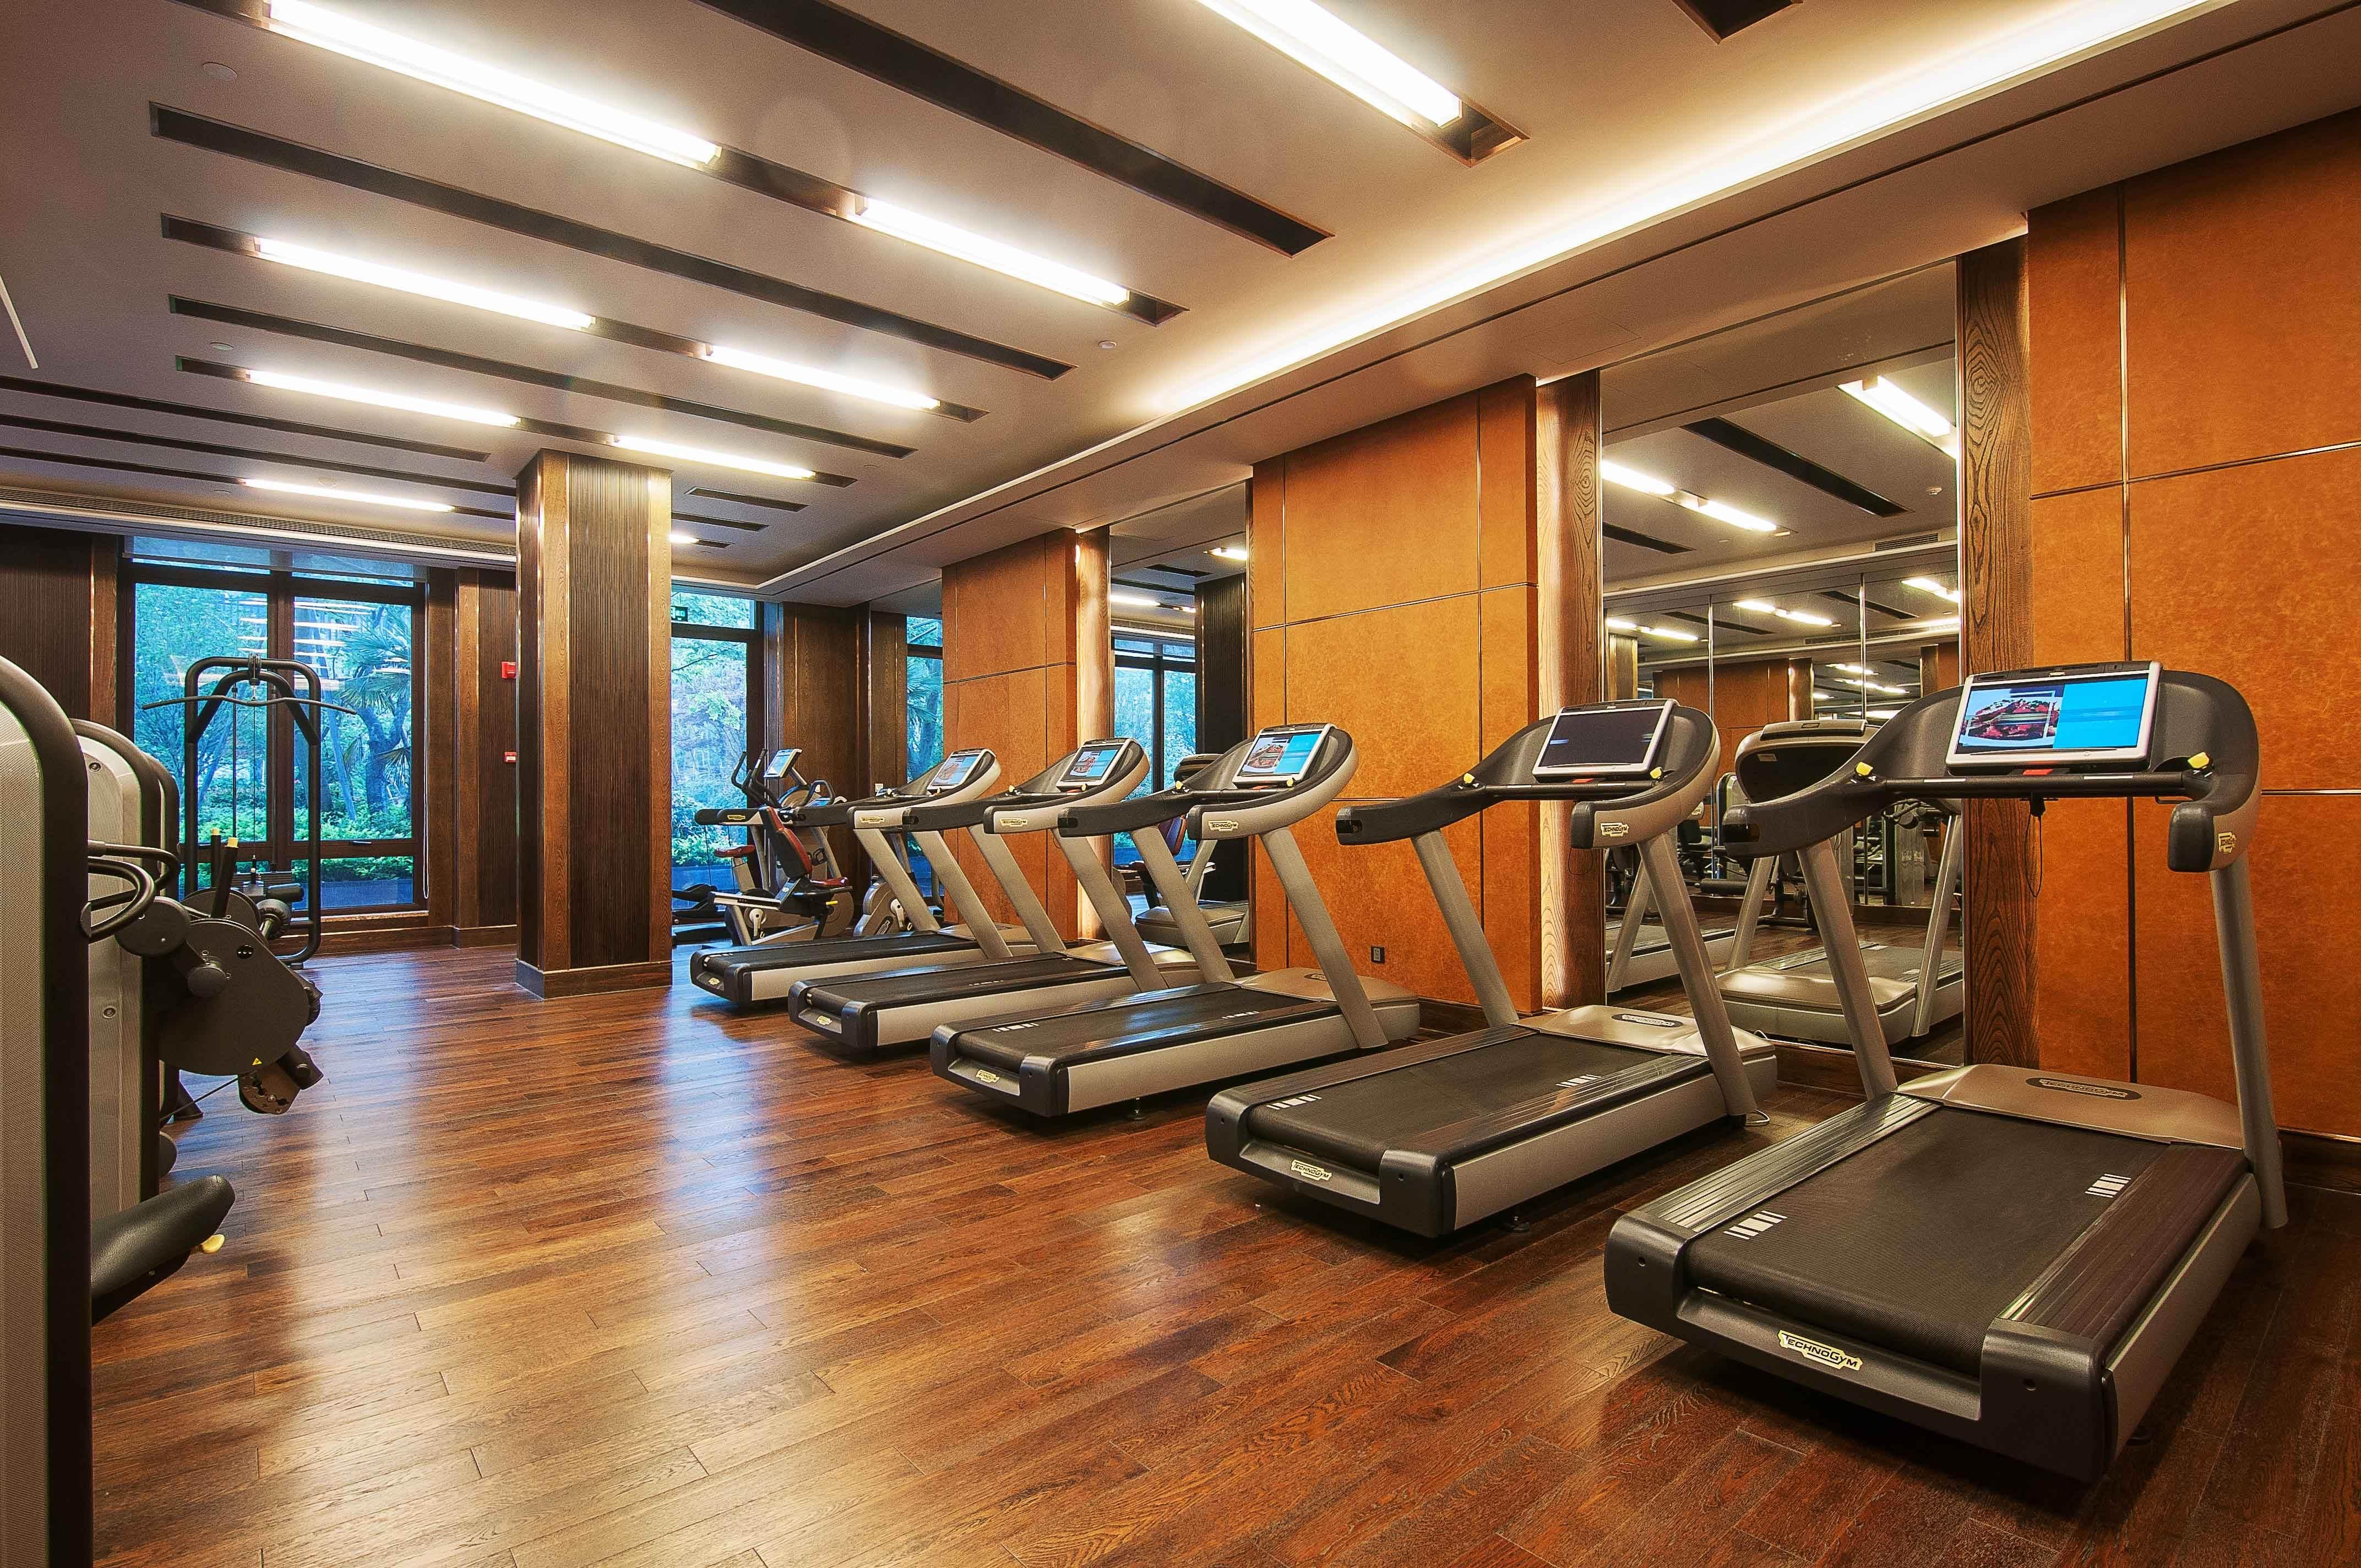 投资健身房之前的准备工作都有哪些?